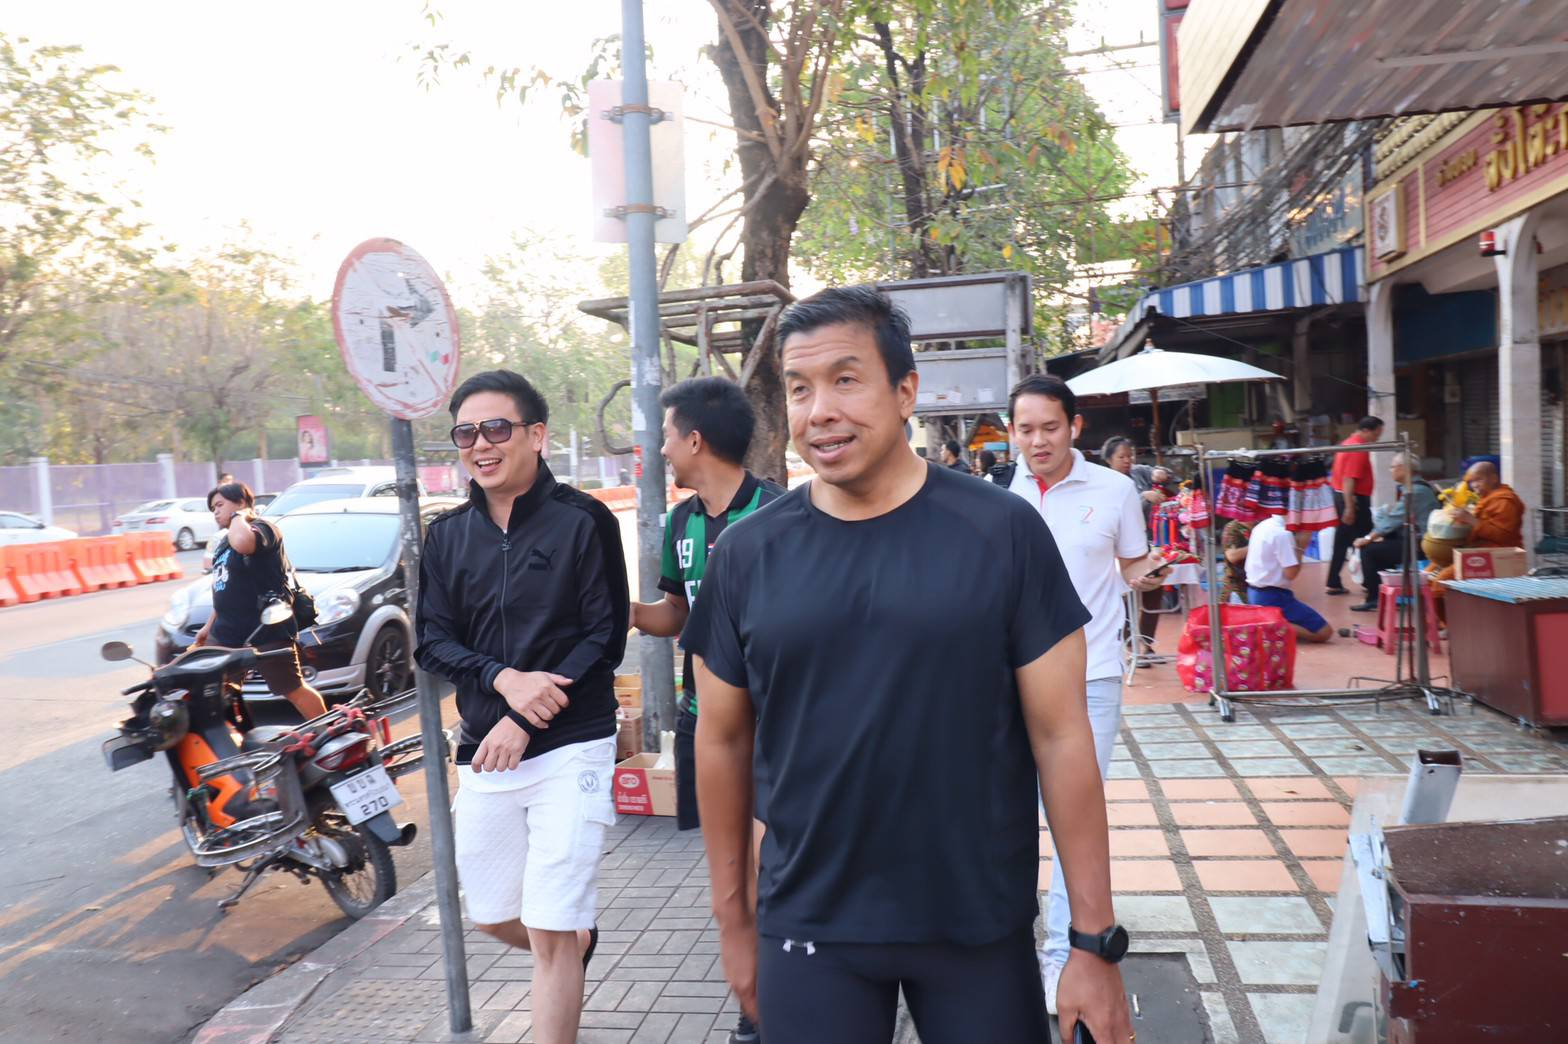 PM 2.5 ชัชชาติ สิทธิพันธุ์ ฝุ่นละออง พรรคเพื่อไทย เชียงใหม่